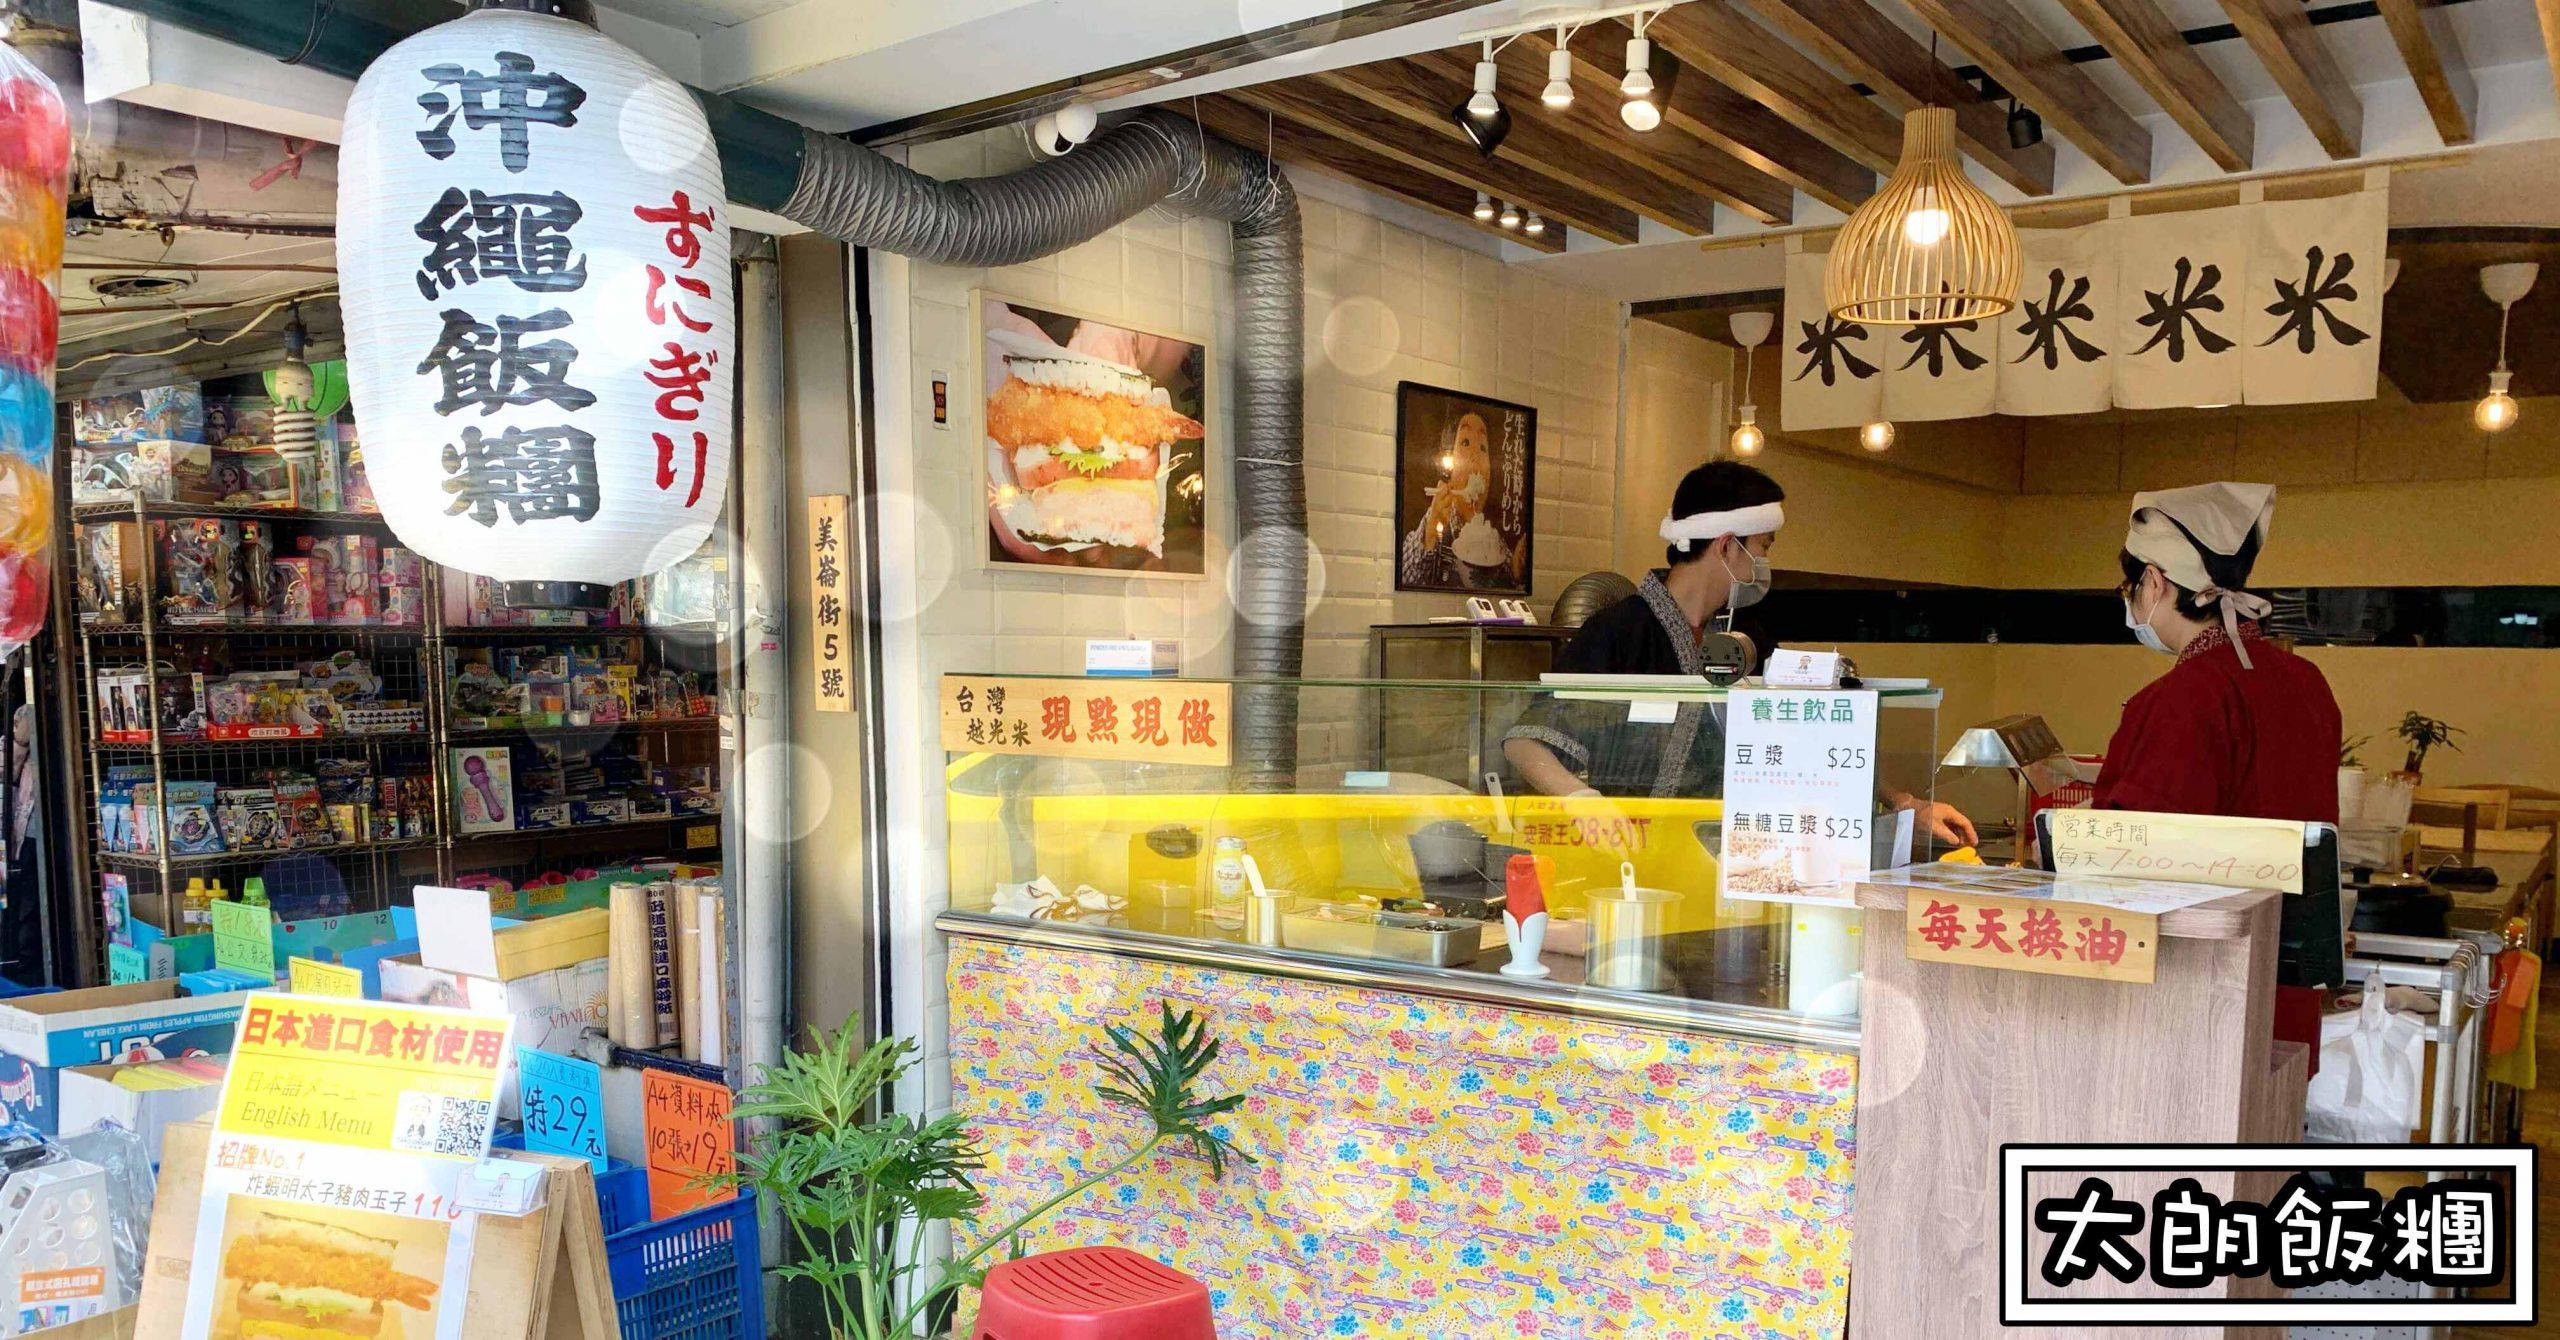 太朗飯糰 士林美食推薦-沖繩飯糰在士林美崙街也吃得到囉 (菜單價錢)